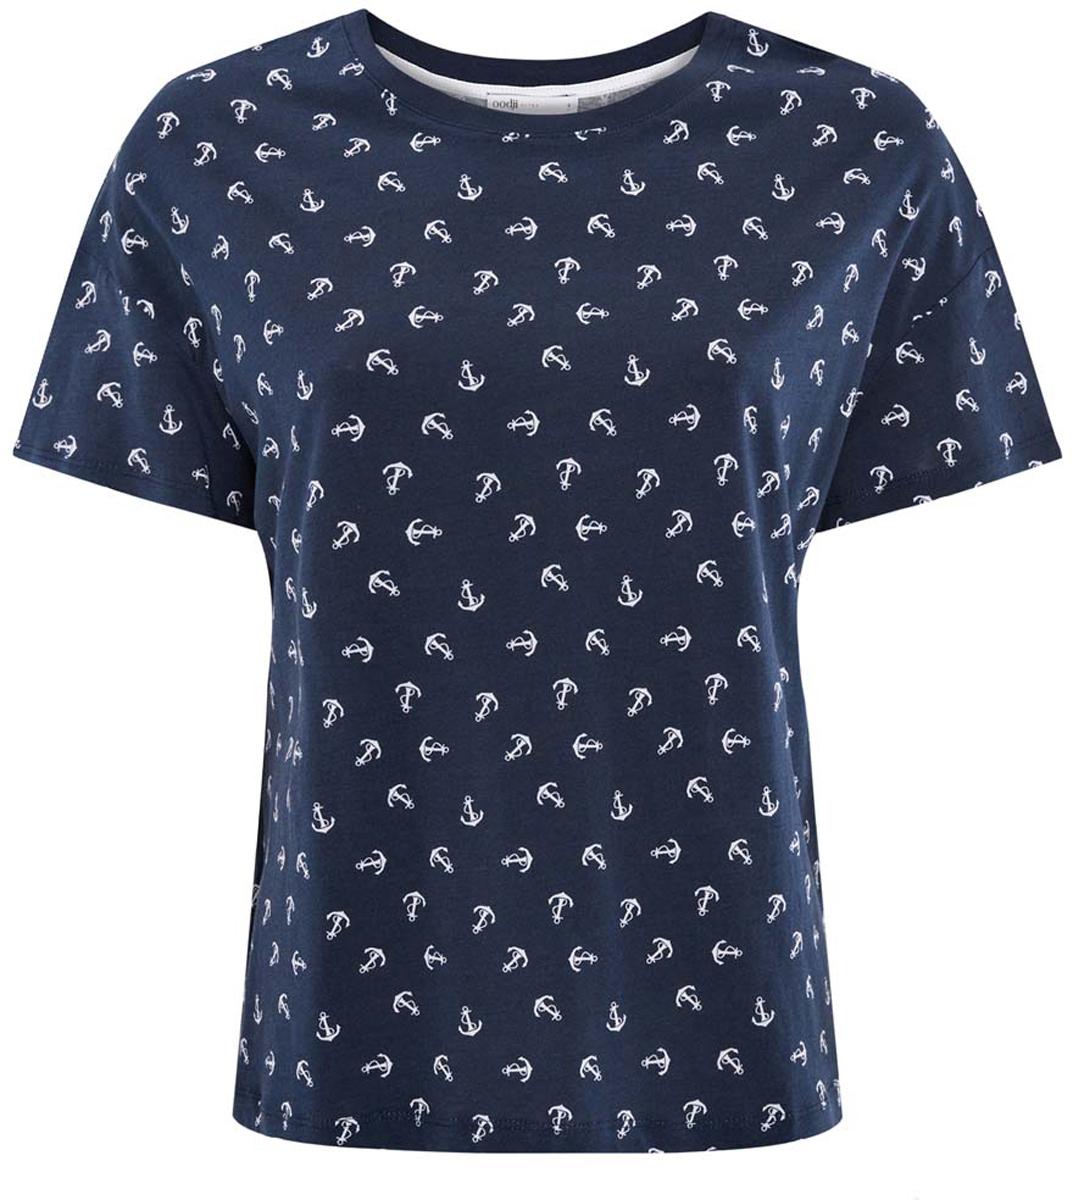 Футболка14701027/45528/7910OЖенская футболка oodji Ultra выполнена из высококачественного материала. Модель с круглым воротом и короткими рукавами оформлена оригинальным принтом.